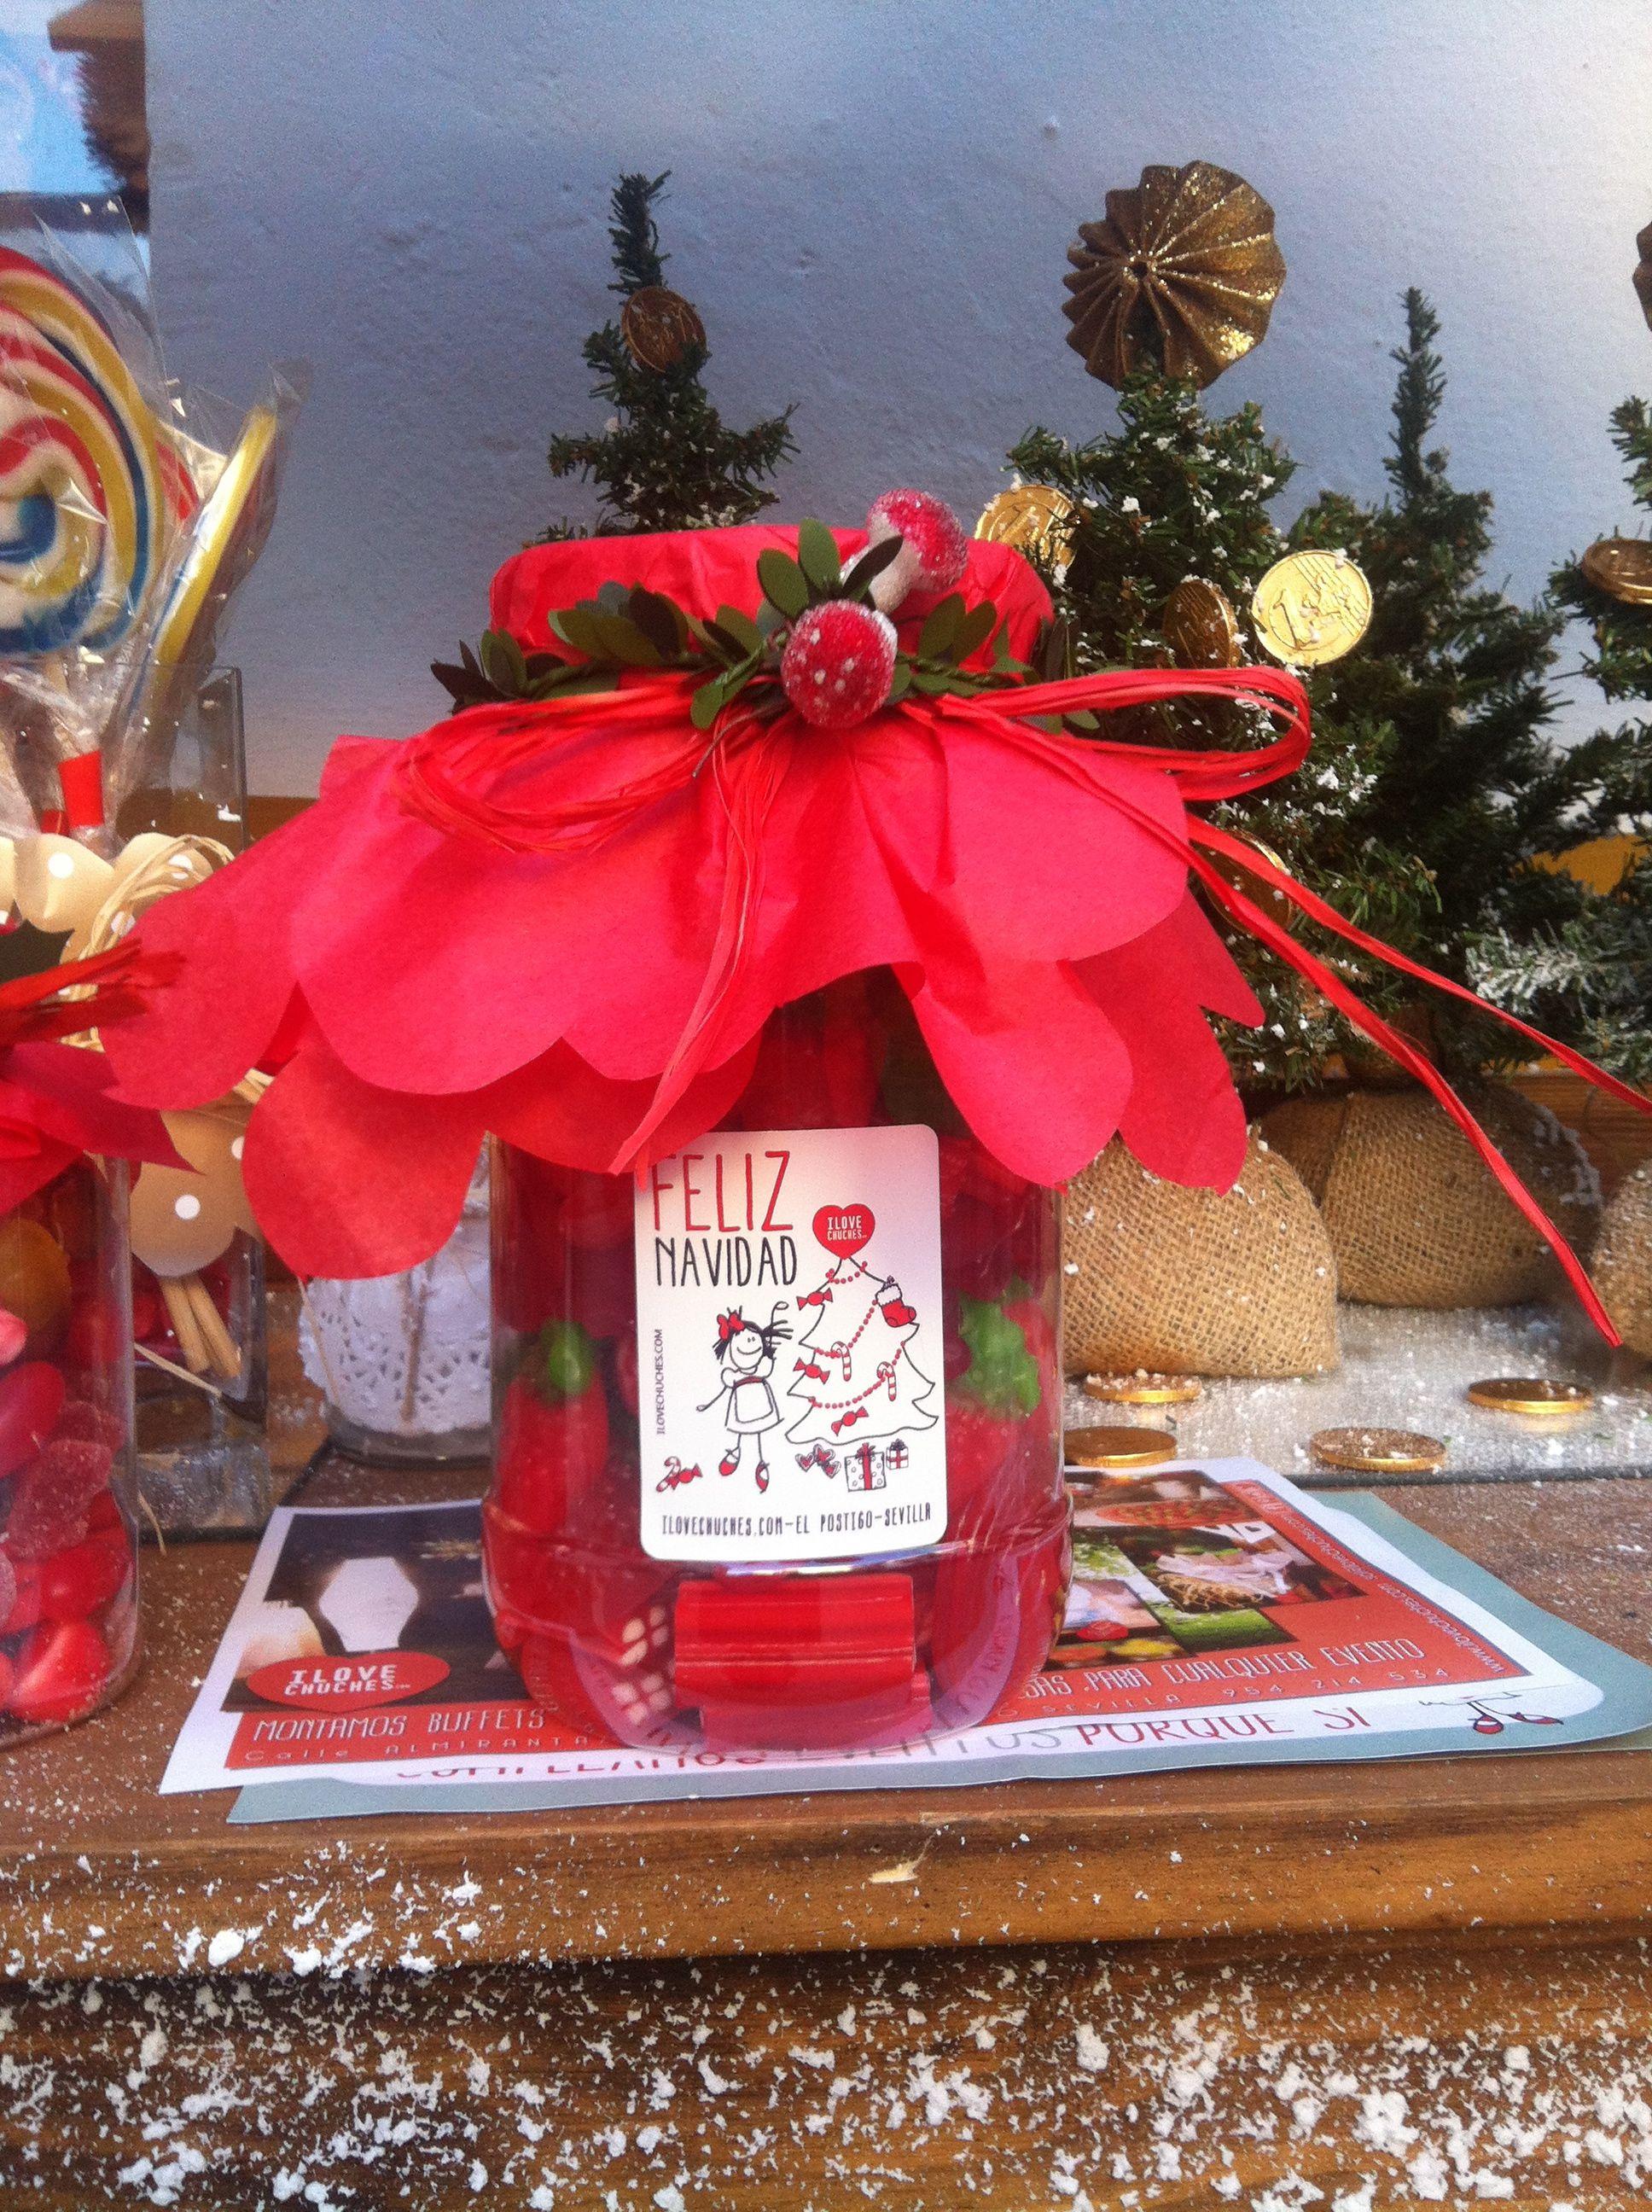 Tarrina chuches gigante para regalar en navidad como amigo - Regalos originales decoracion ...